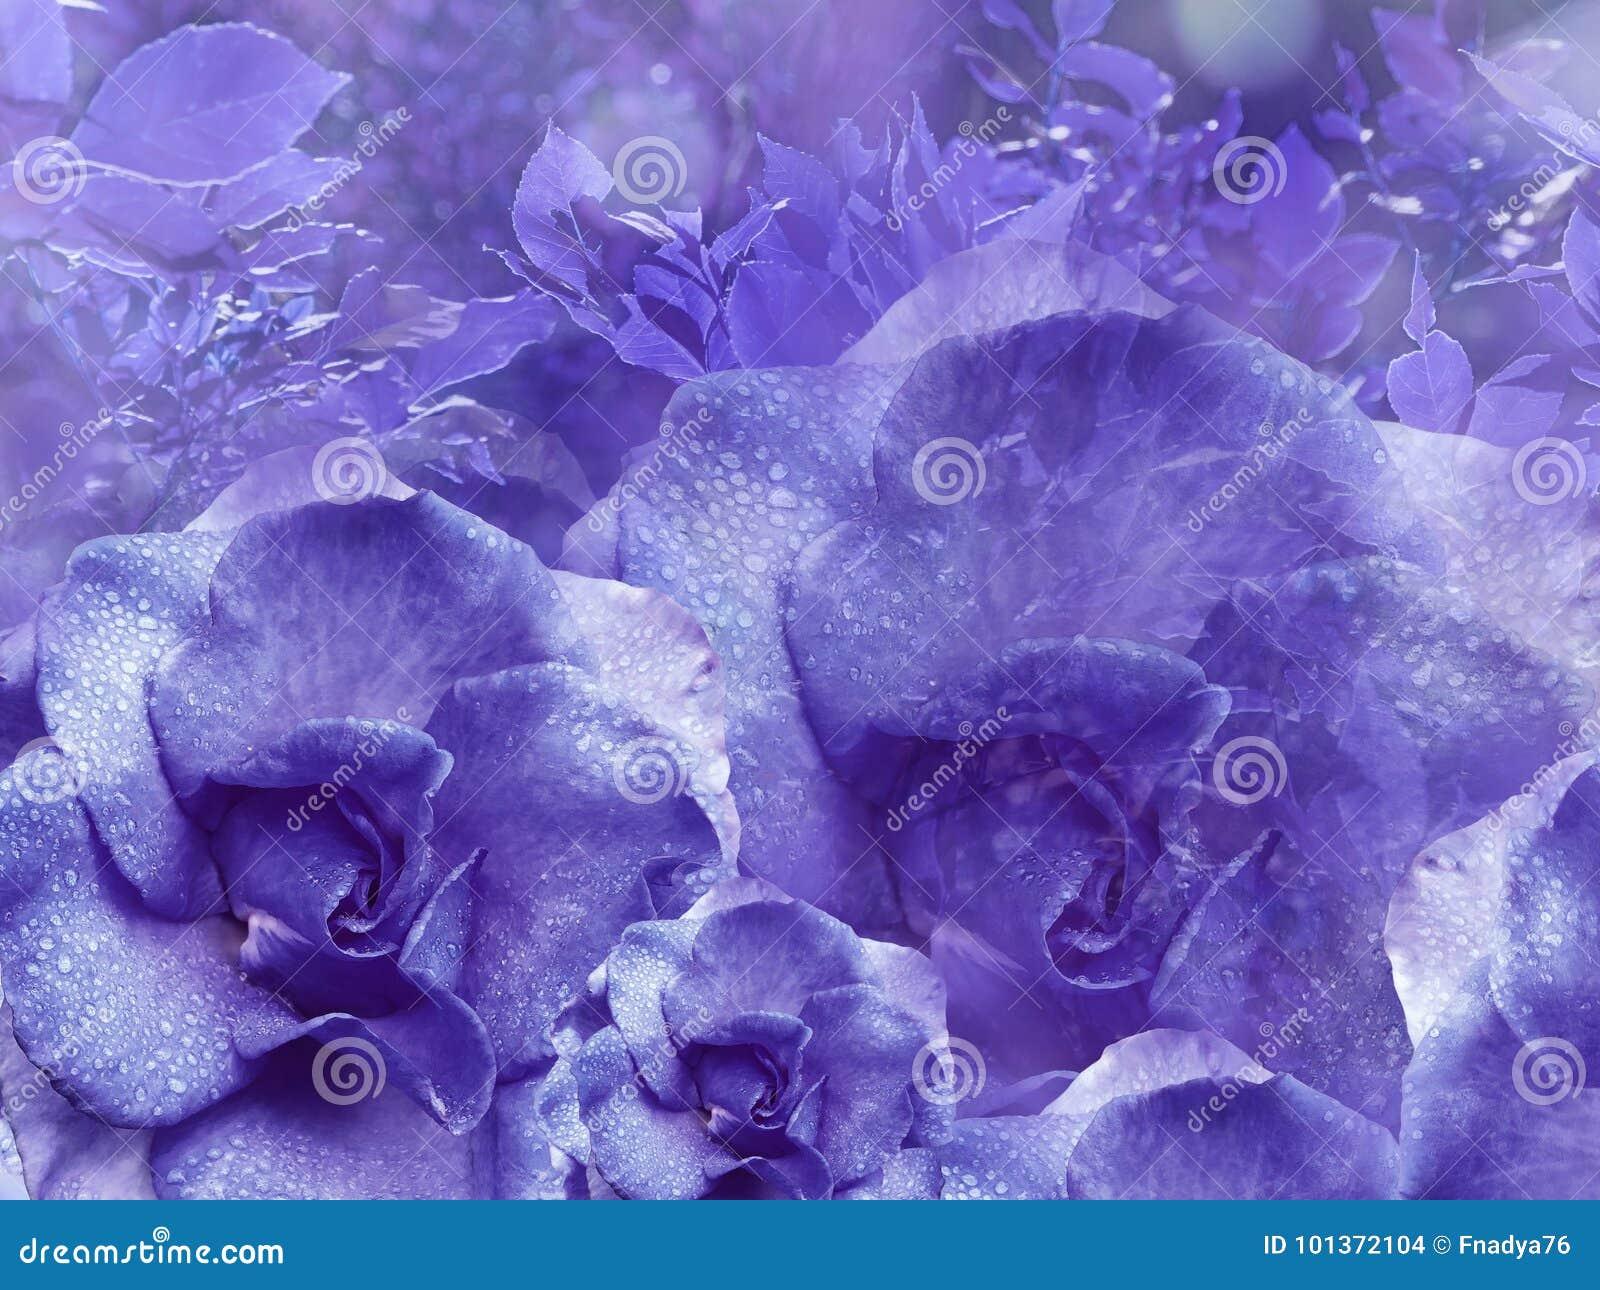 Bloemen purpere achtergrond van rozen De samenstelling van de bloem Bloemen met waterdruppeltjes op bloemblaadjes Close-up